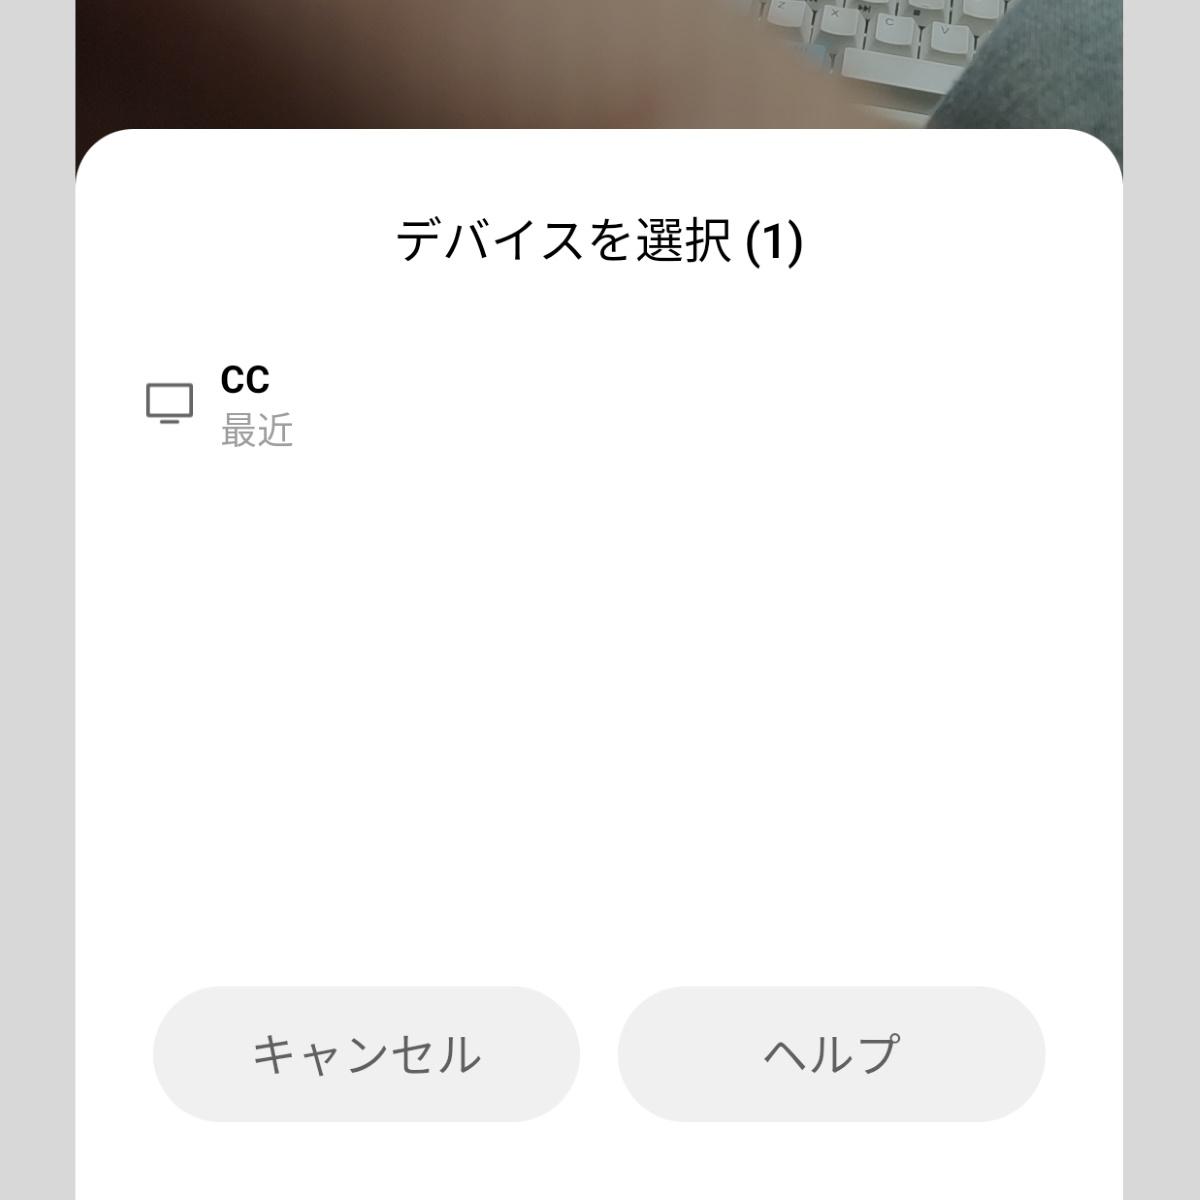 cast_smapho_02